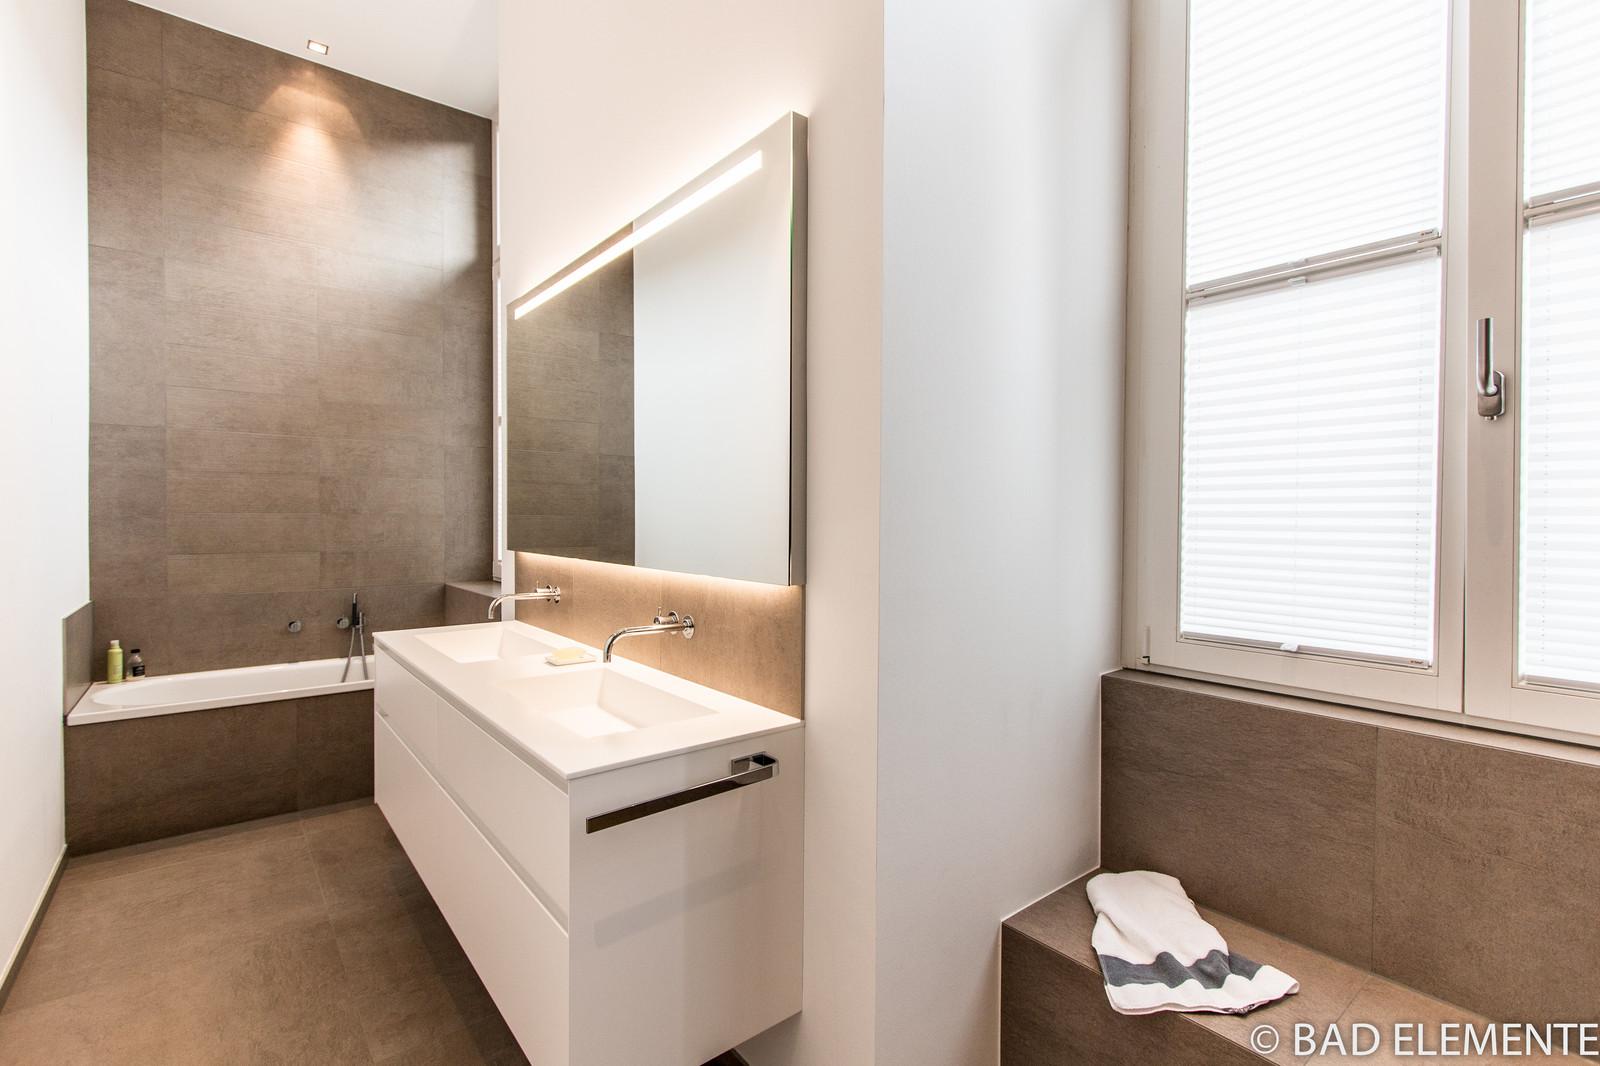 Badezimmer 5 Qm | Bad Einrichten 5 Qm Badezimmer Trends 2019 Badtrends